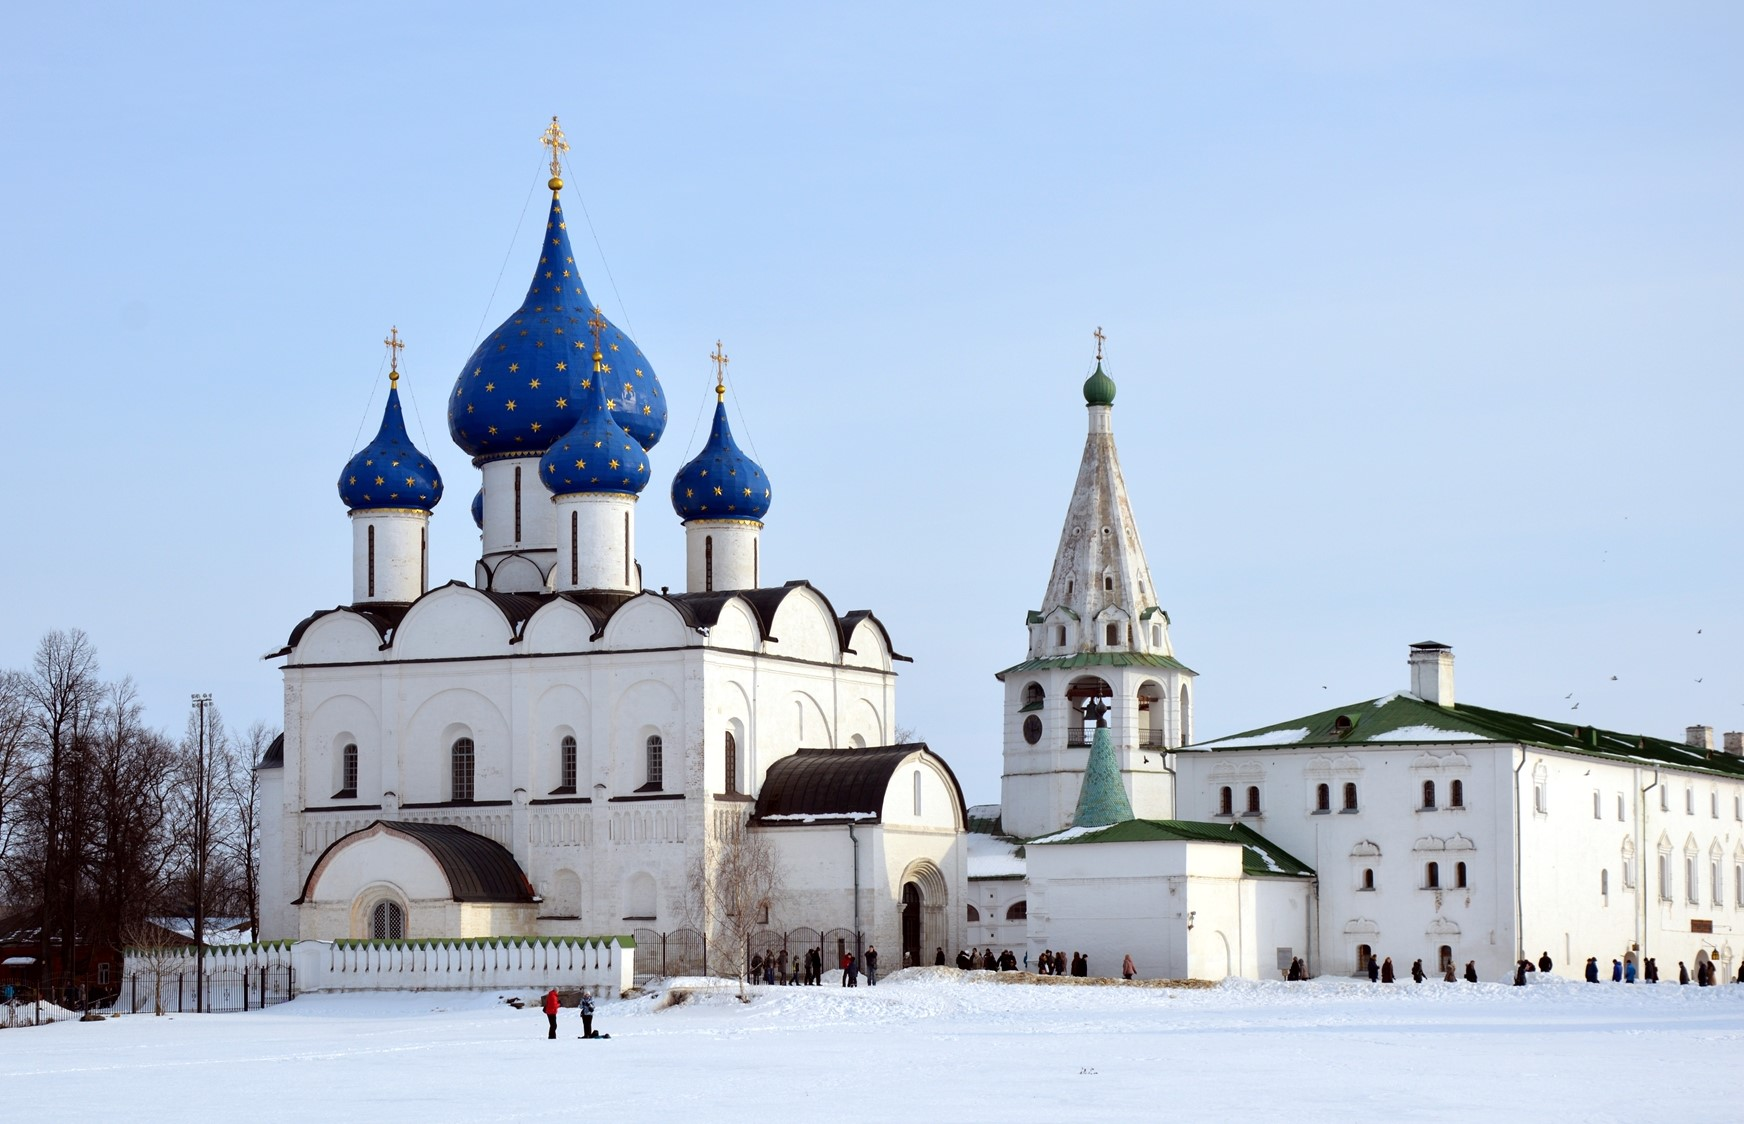 سوزدال از جاذبه های دیدنی روسیه